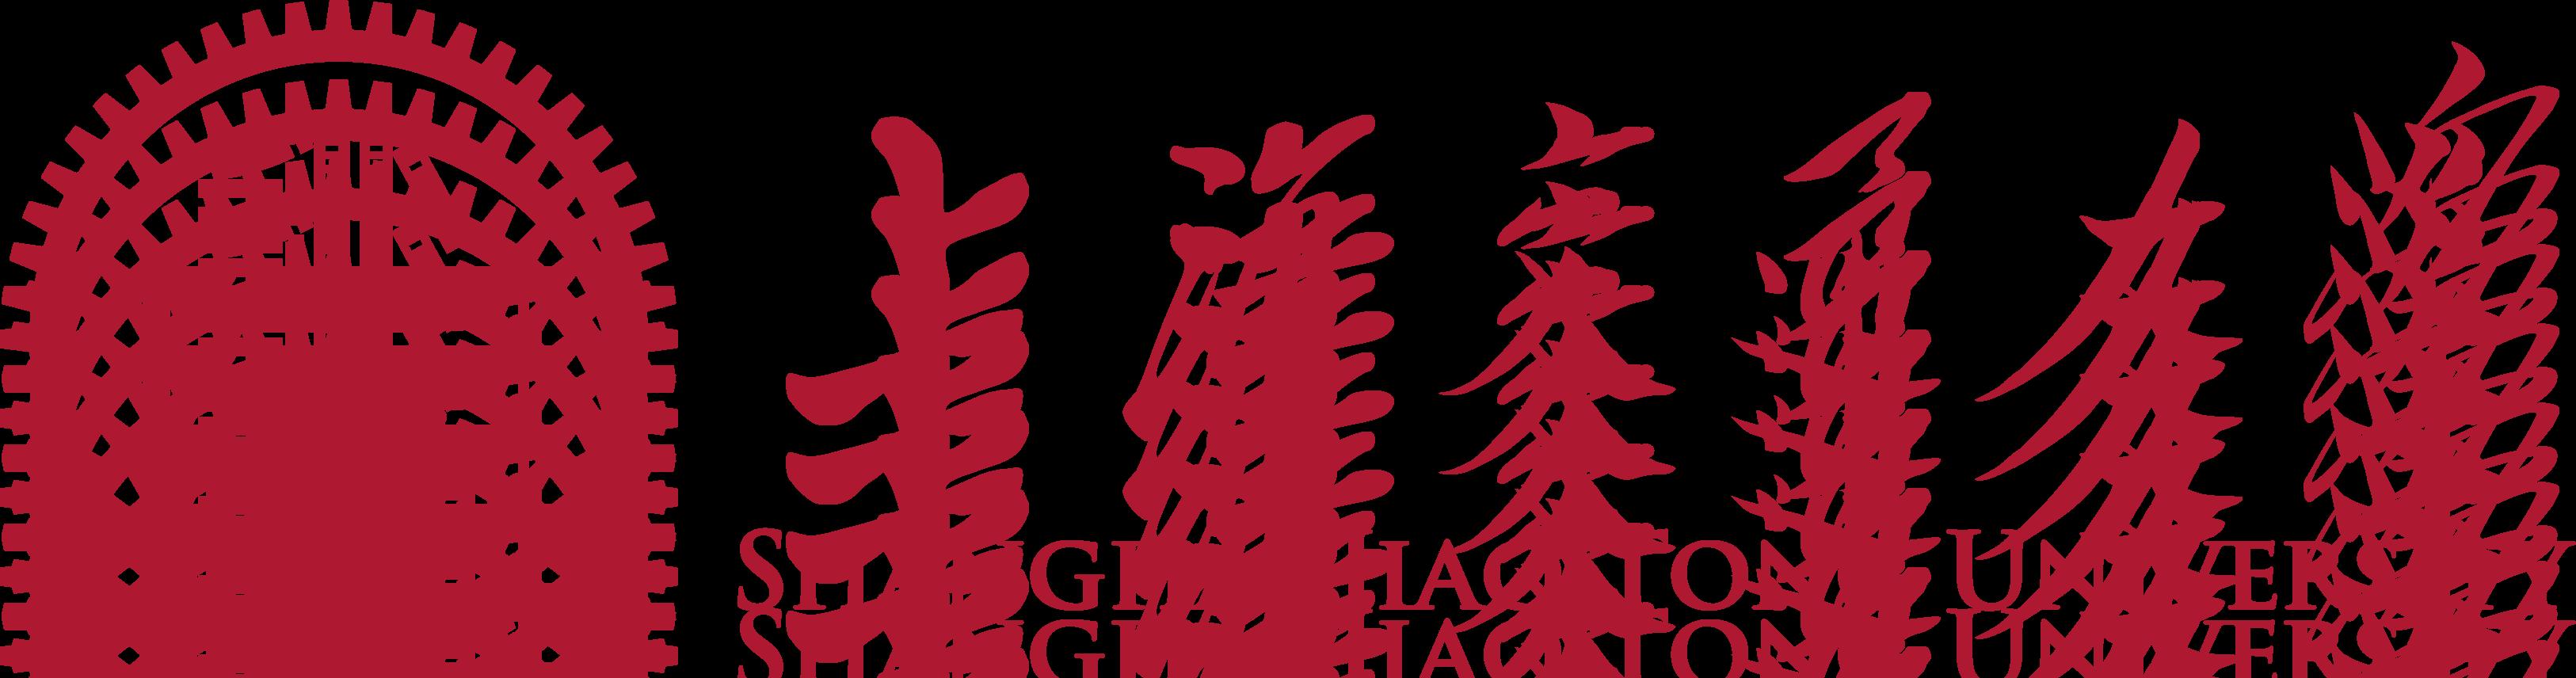 上海交大跨境电商与物流商业模式创新培训班